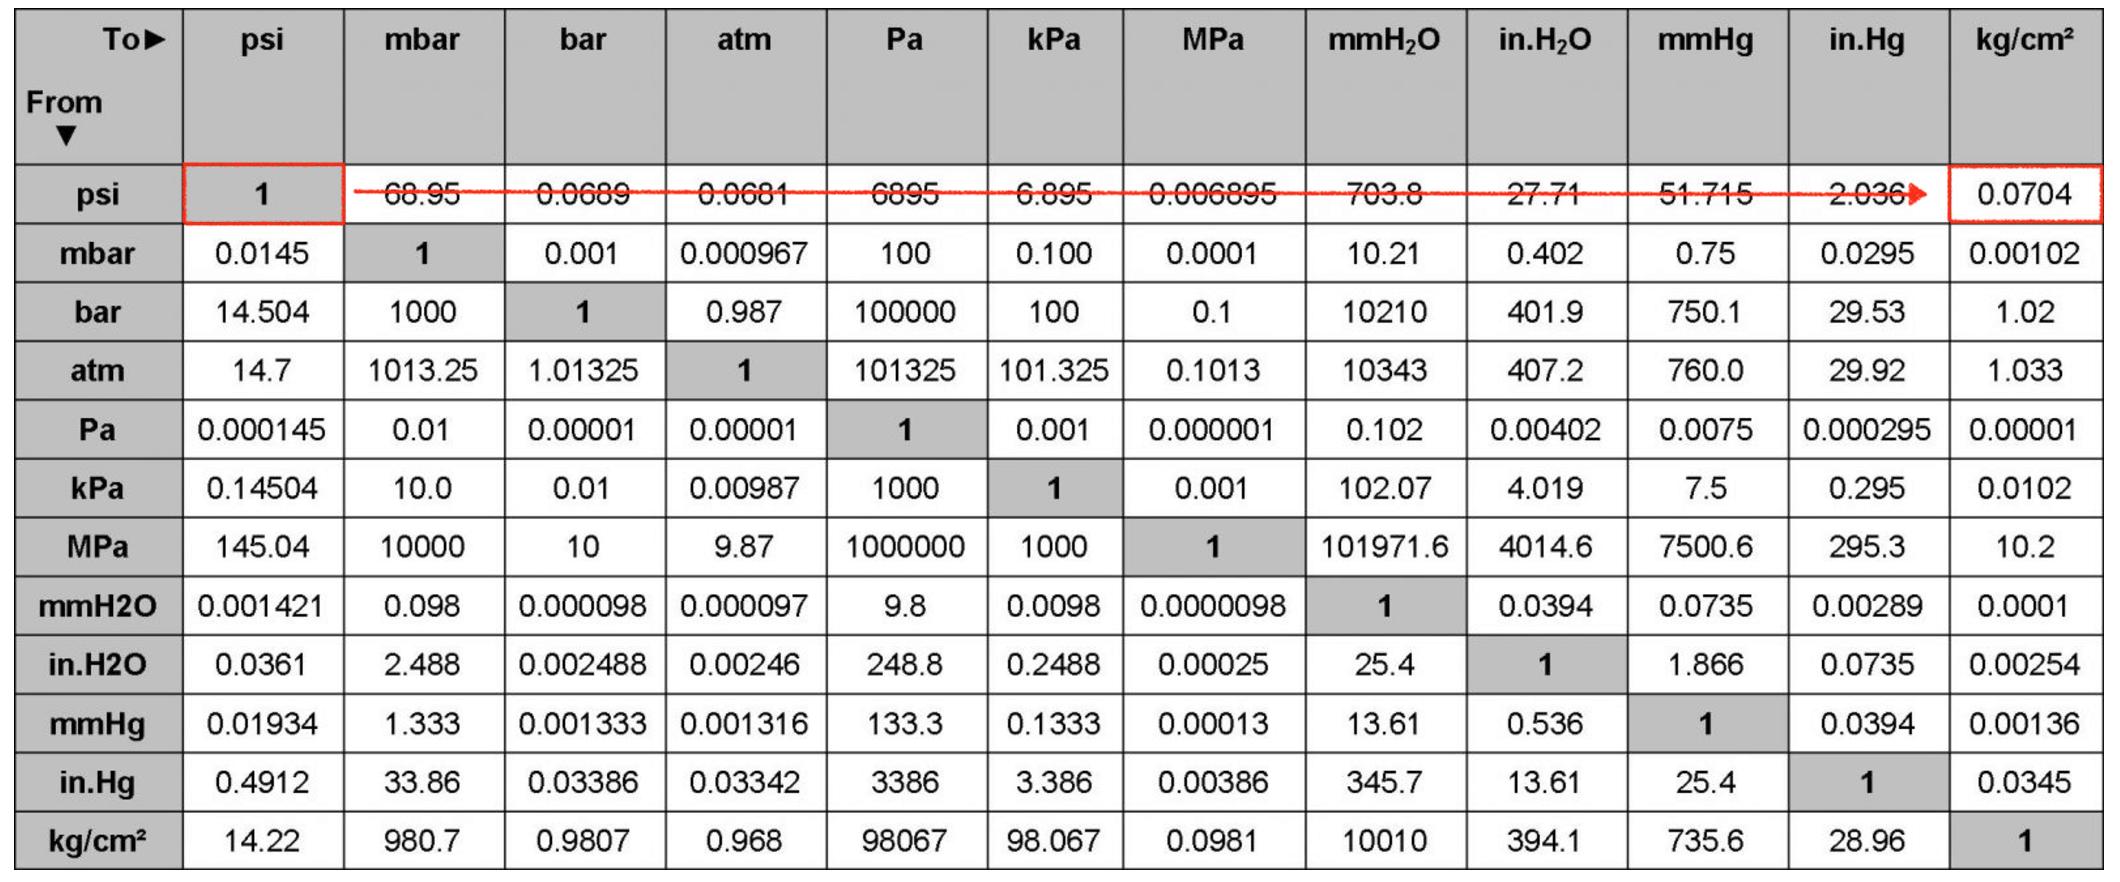 hướng dẩn đổi đơn vị psi sang kg/cm2